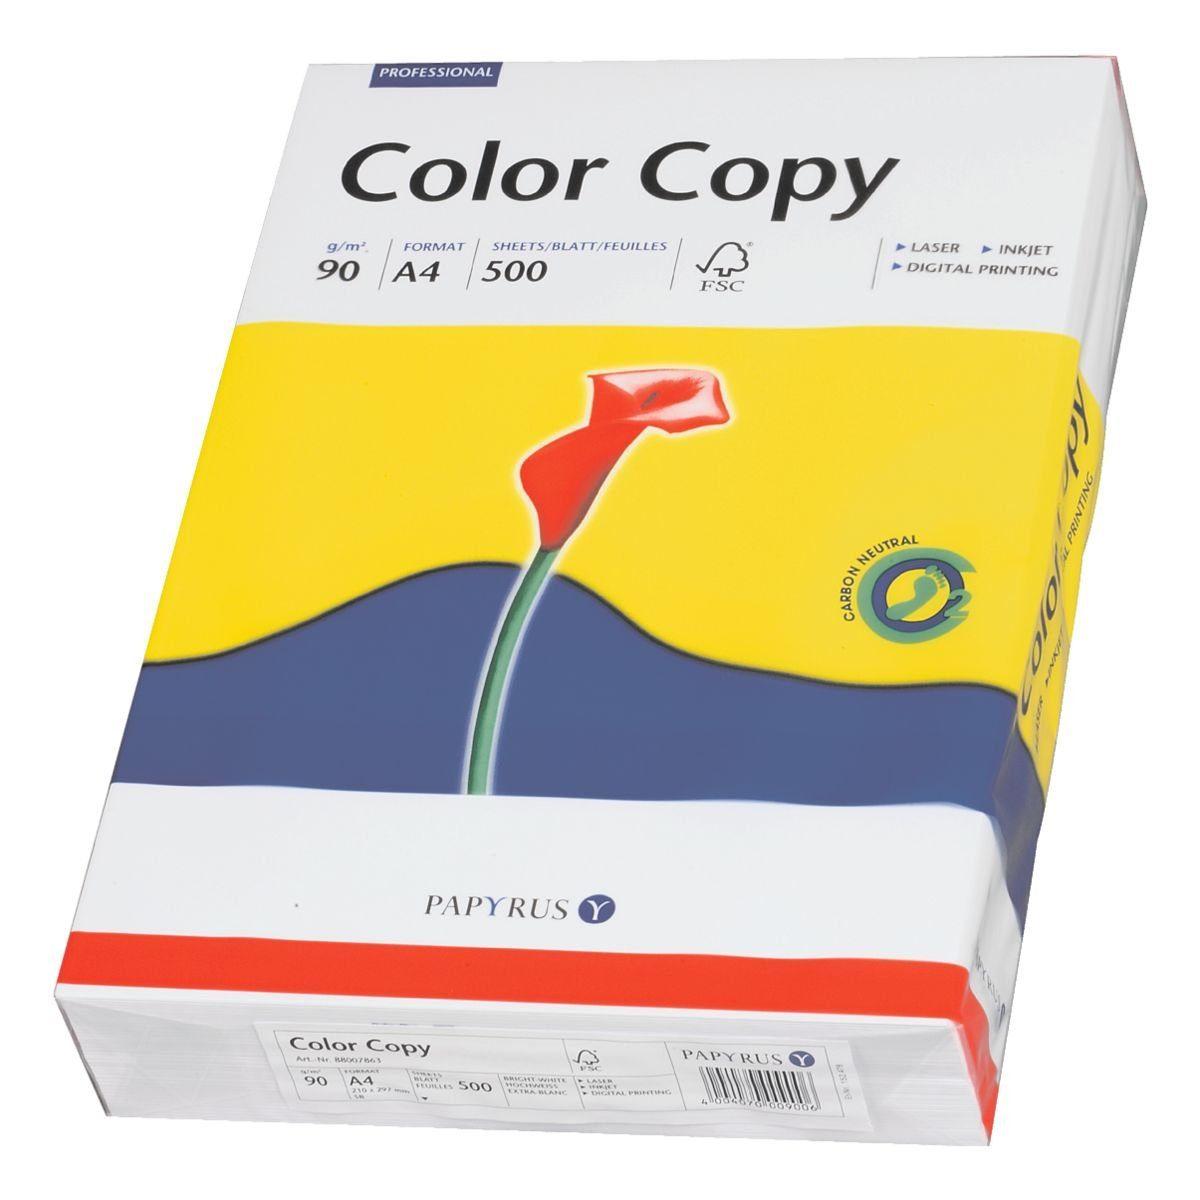 Papyrus Farblaserpapier »Color Copy«